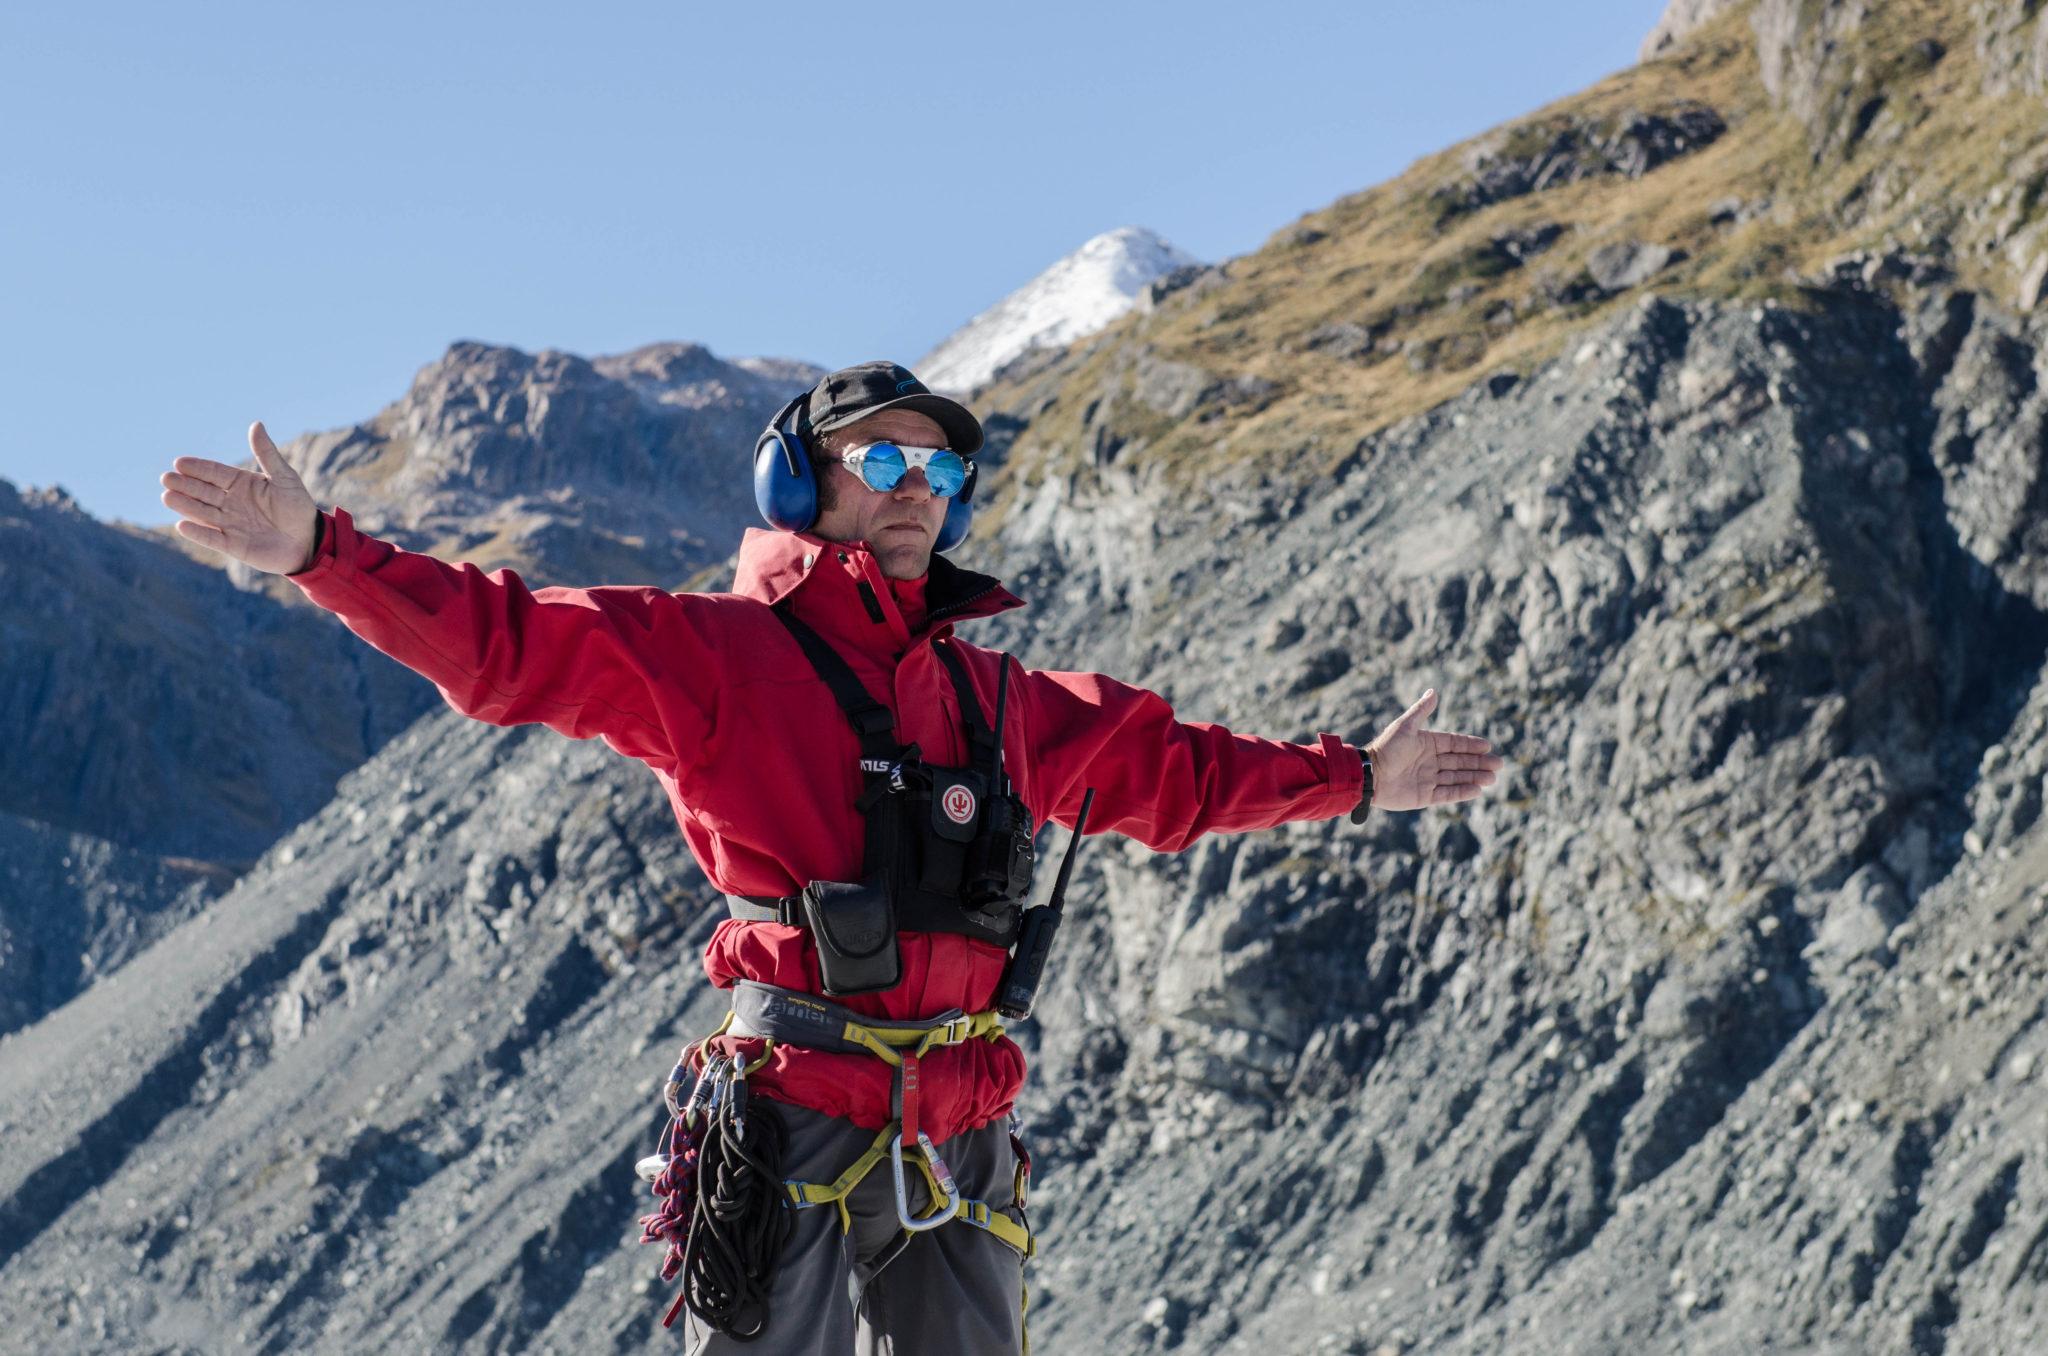 Mount Cook Neuseeland Gletscherwanderung: Ant ist ein Profi auf dem Eis